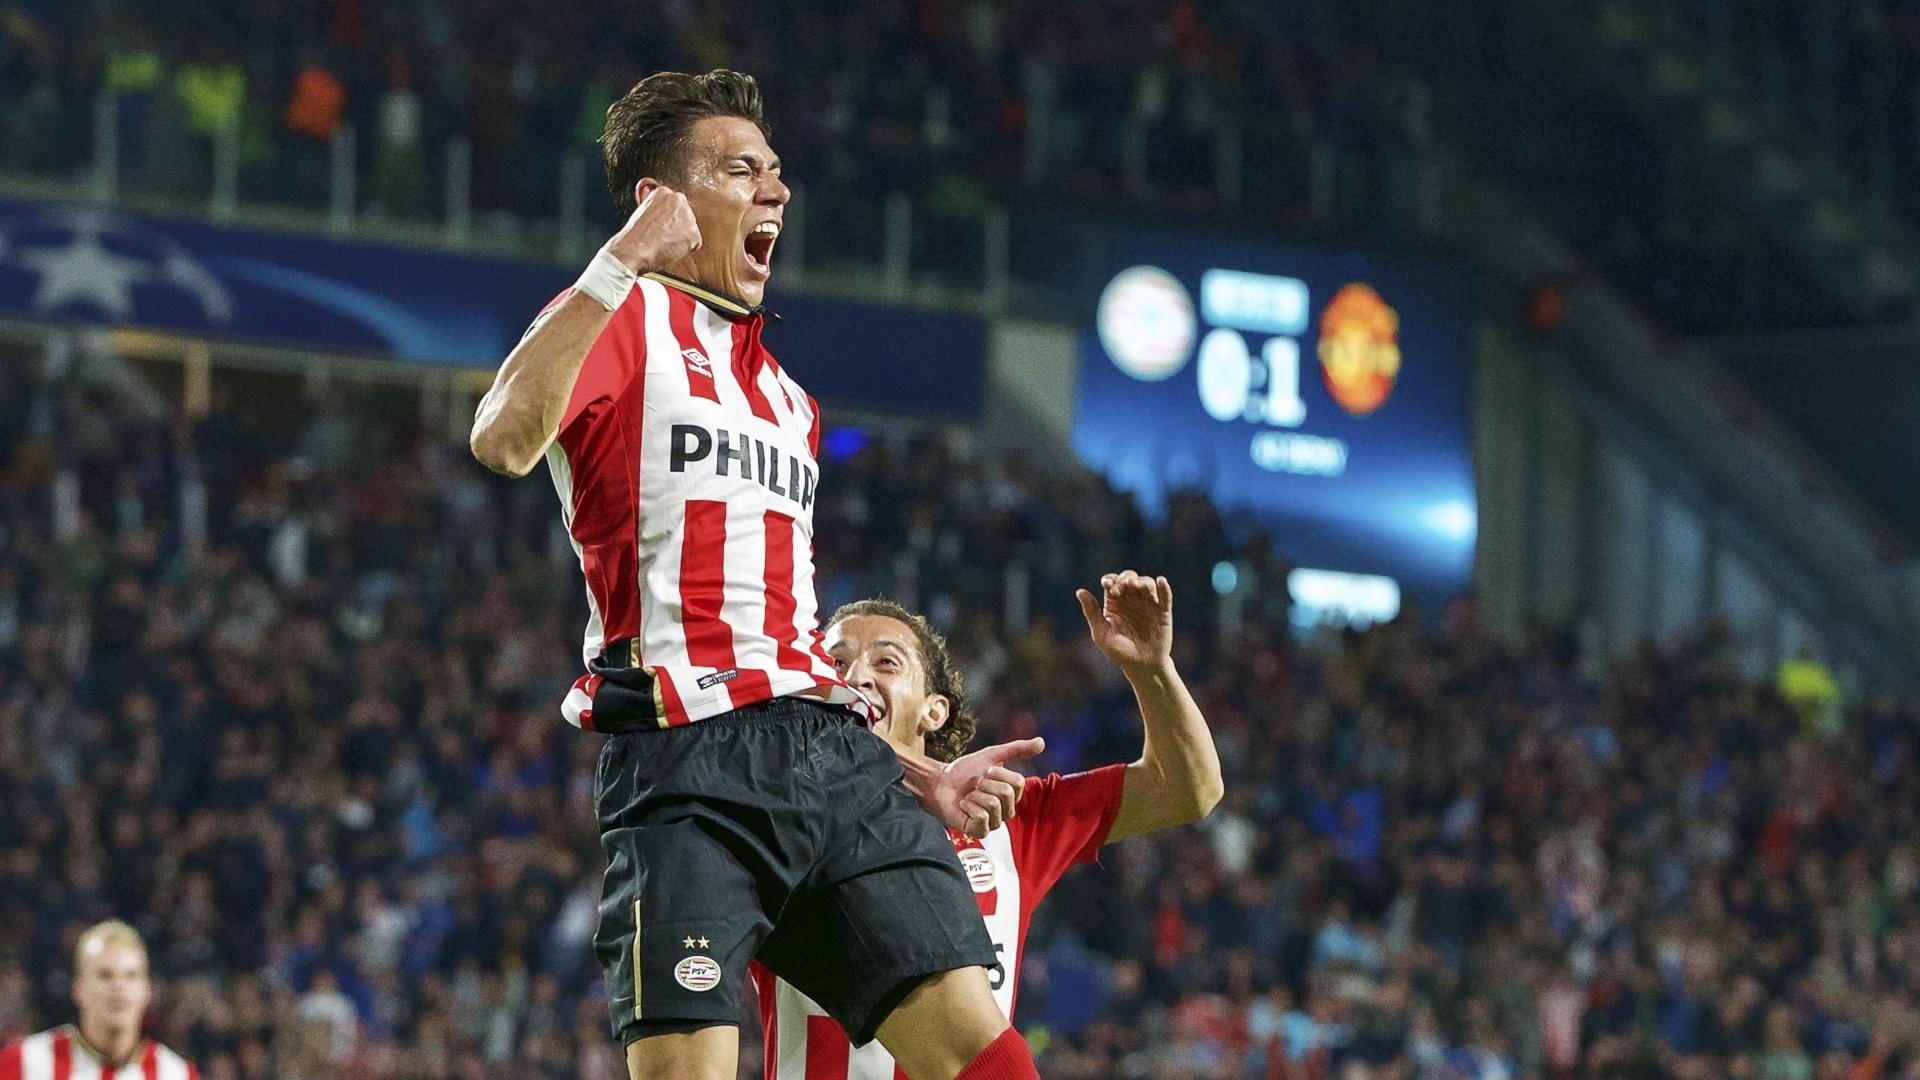 Hector Moreno marcou o gol de empate do PSV após lance que lesionou Luke Shaw; holandeses venceram o confronto por 2x1